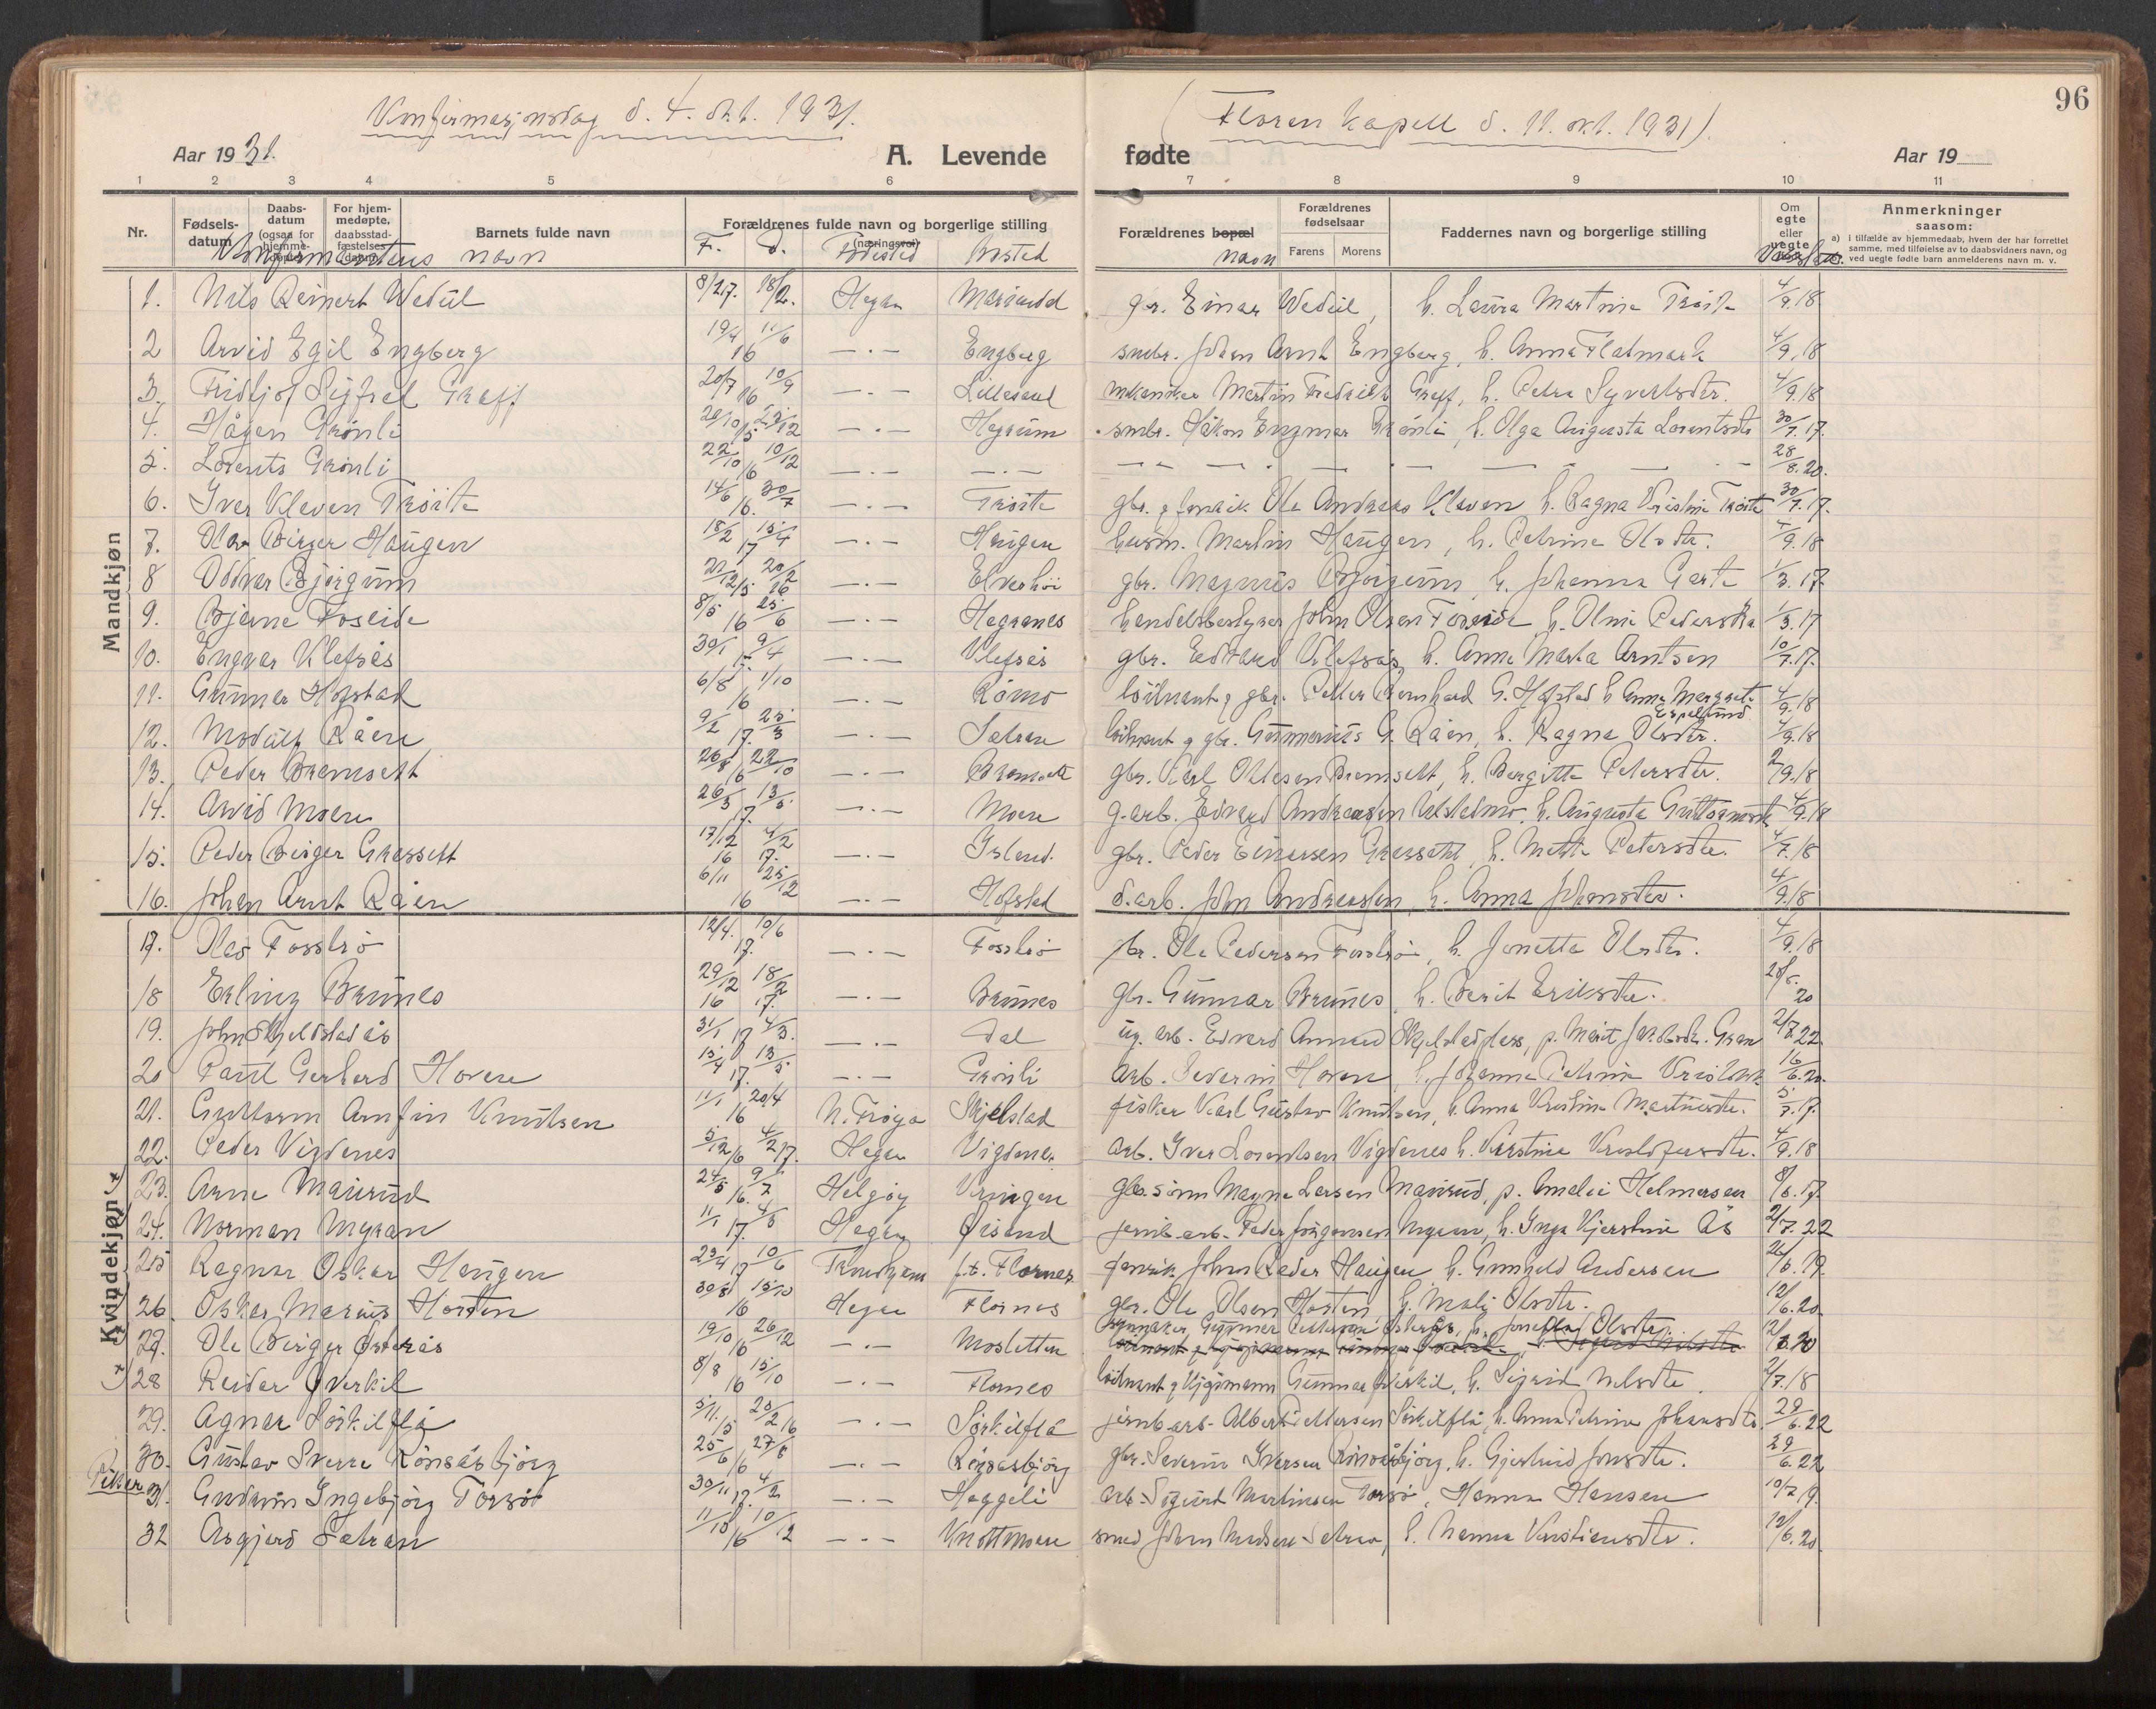 SAT, Ministerialprotokoller, klokkerbøker og fødselsregistre - Nord-Trøndelag, 703/L0037: Parish register (official) no. 703A10, 1915-1932, p. 96